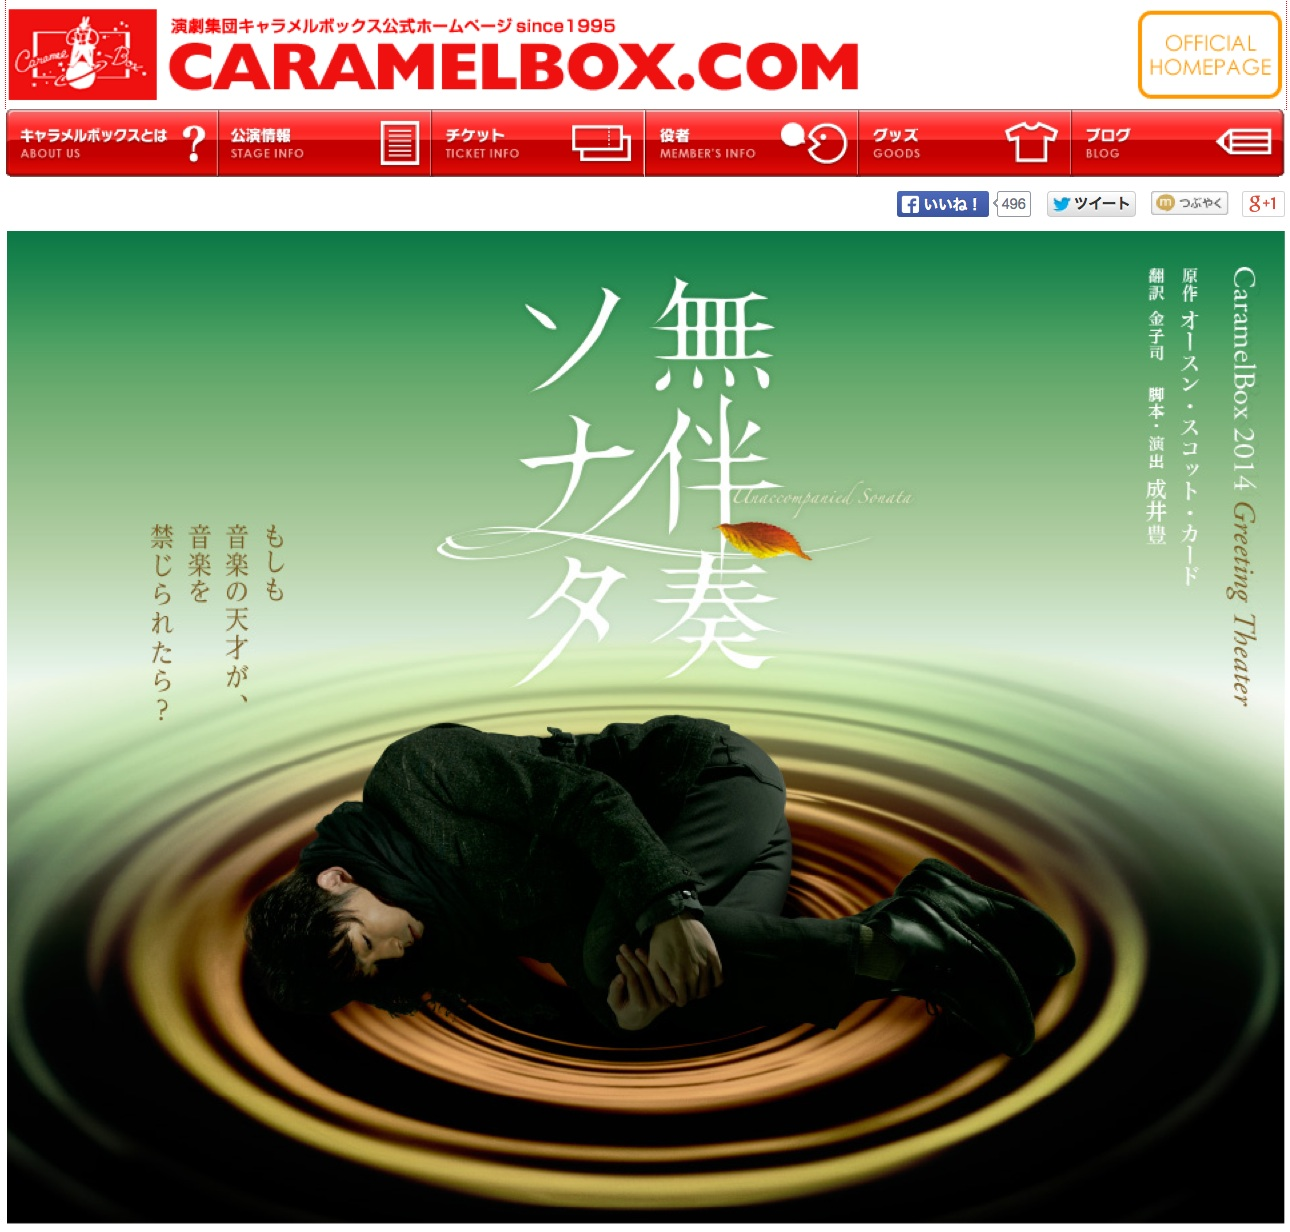 キャラメルボックス「無伴奏ソナタ」